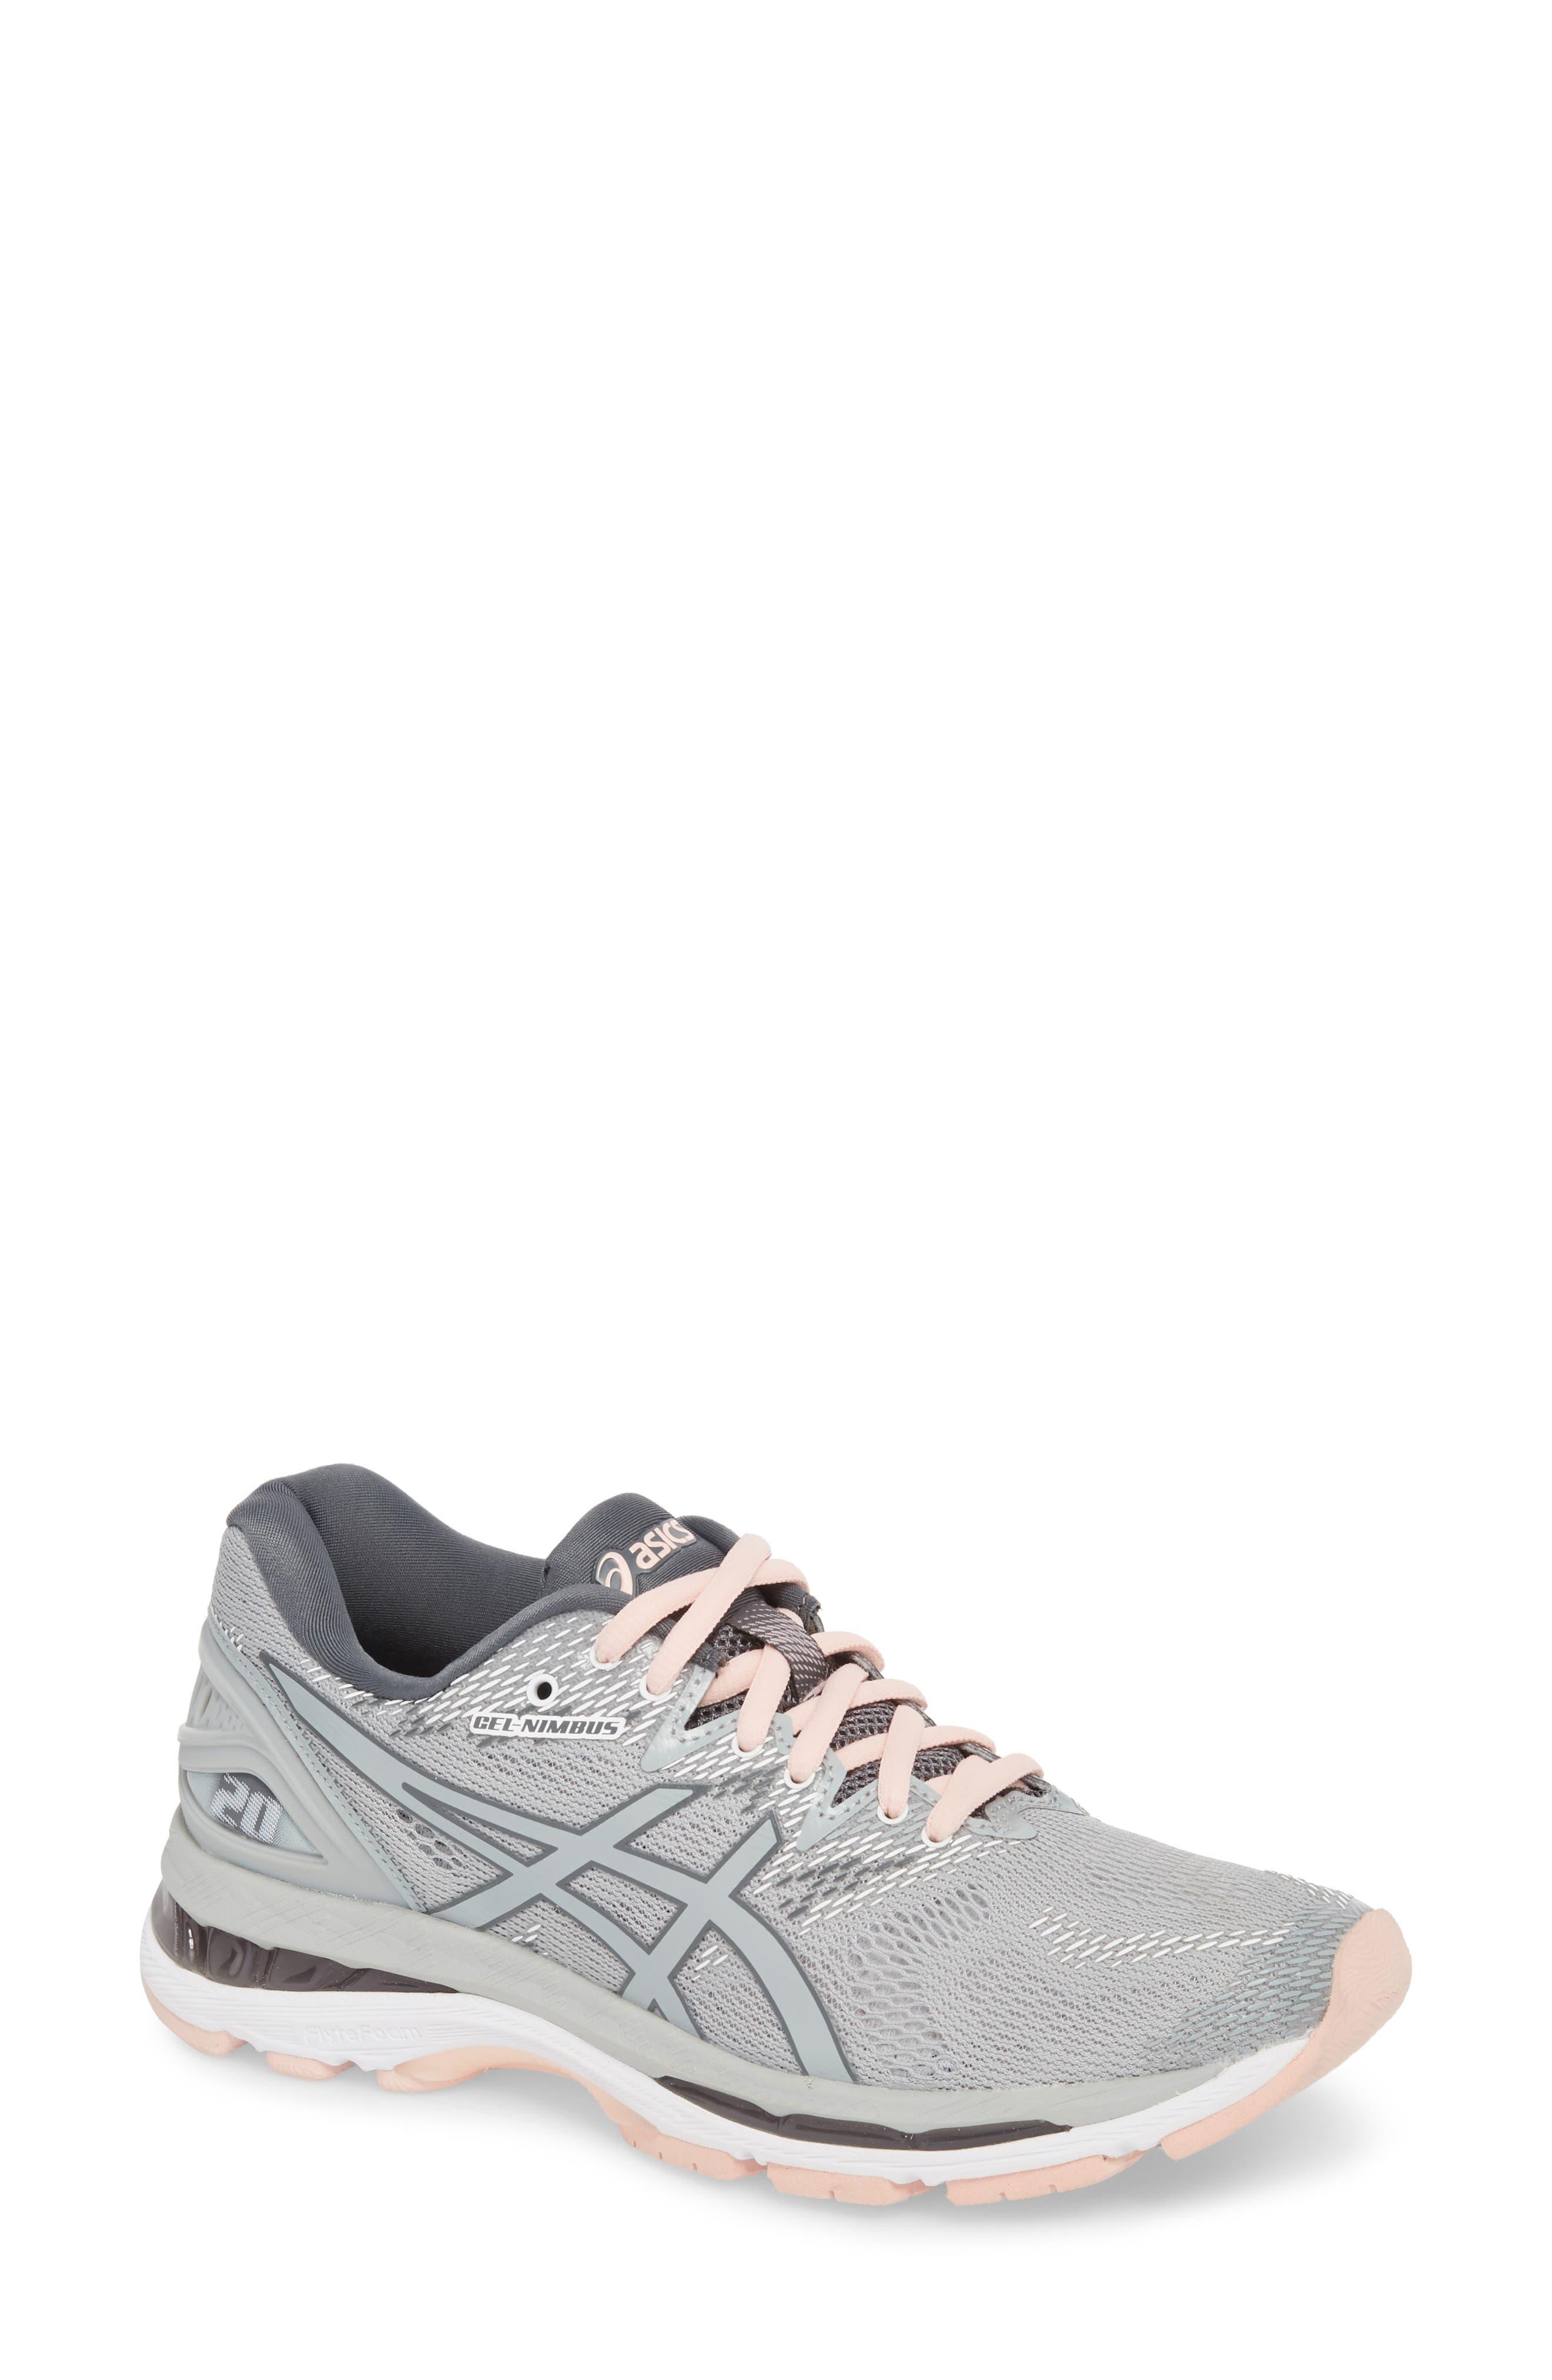 GEL<sup>®</sup>-Nimbus 20 Running Shoe,                             Main thumbnail 1, color,                             MID GREY/ SEASHELL PINK